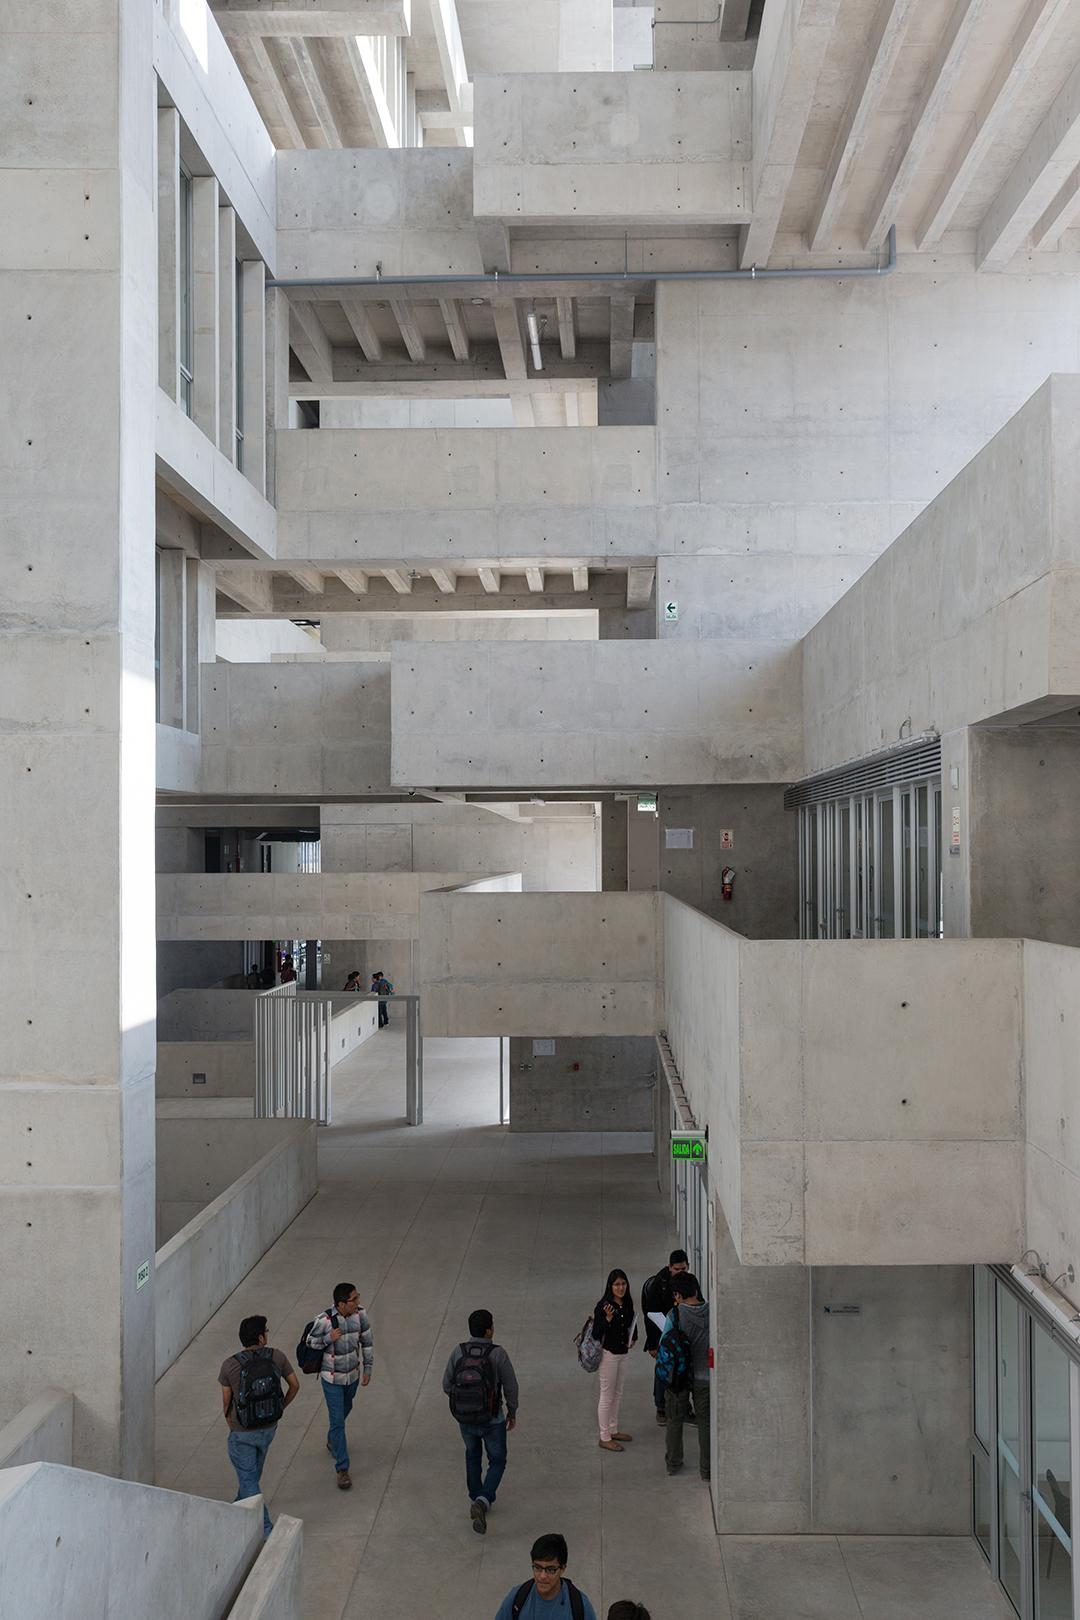 Jedno z otwartych atriów budynku © Iwan Baan